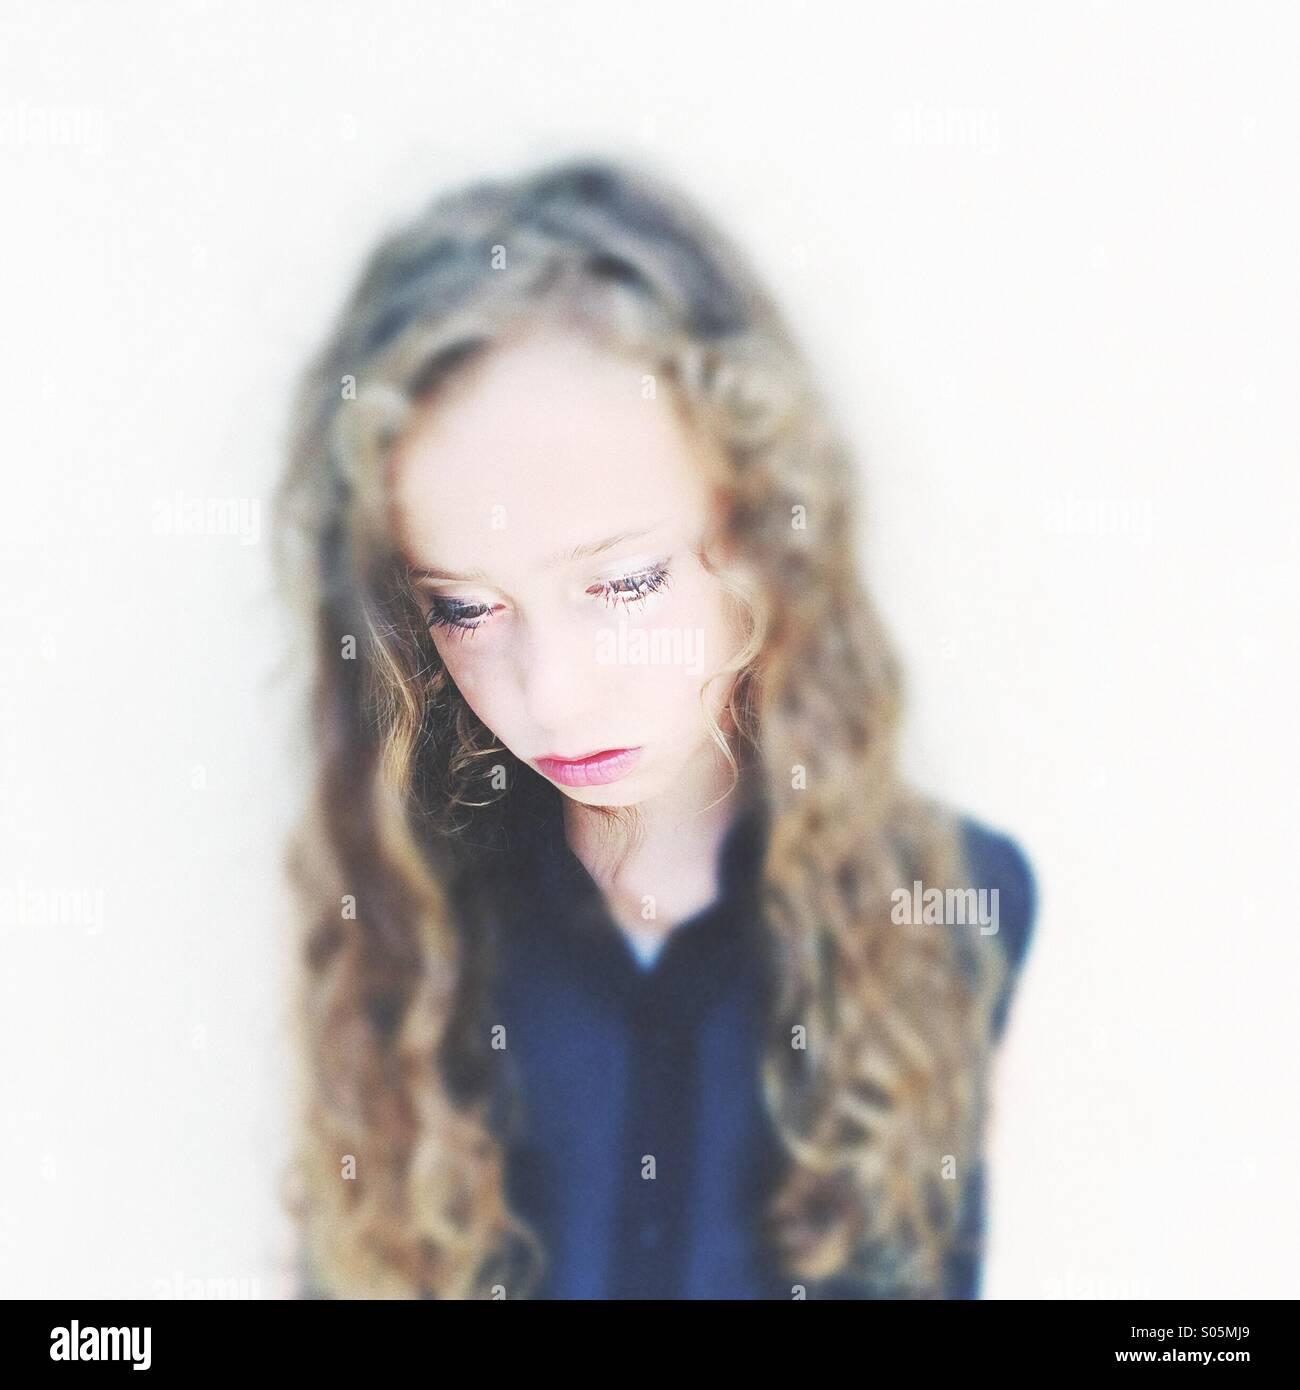 Sept à huit fille triste et solitaire Photo Stock